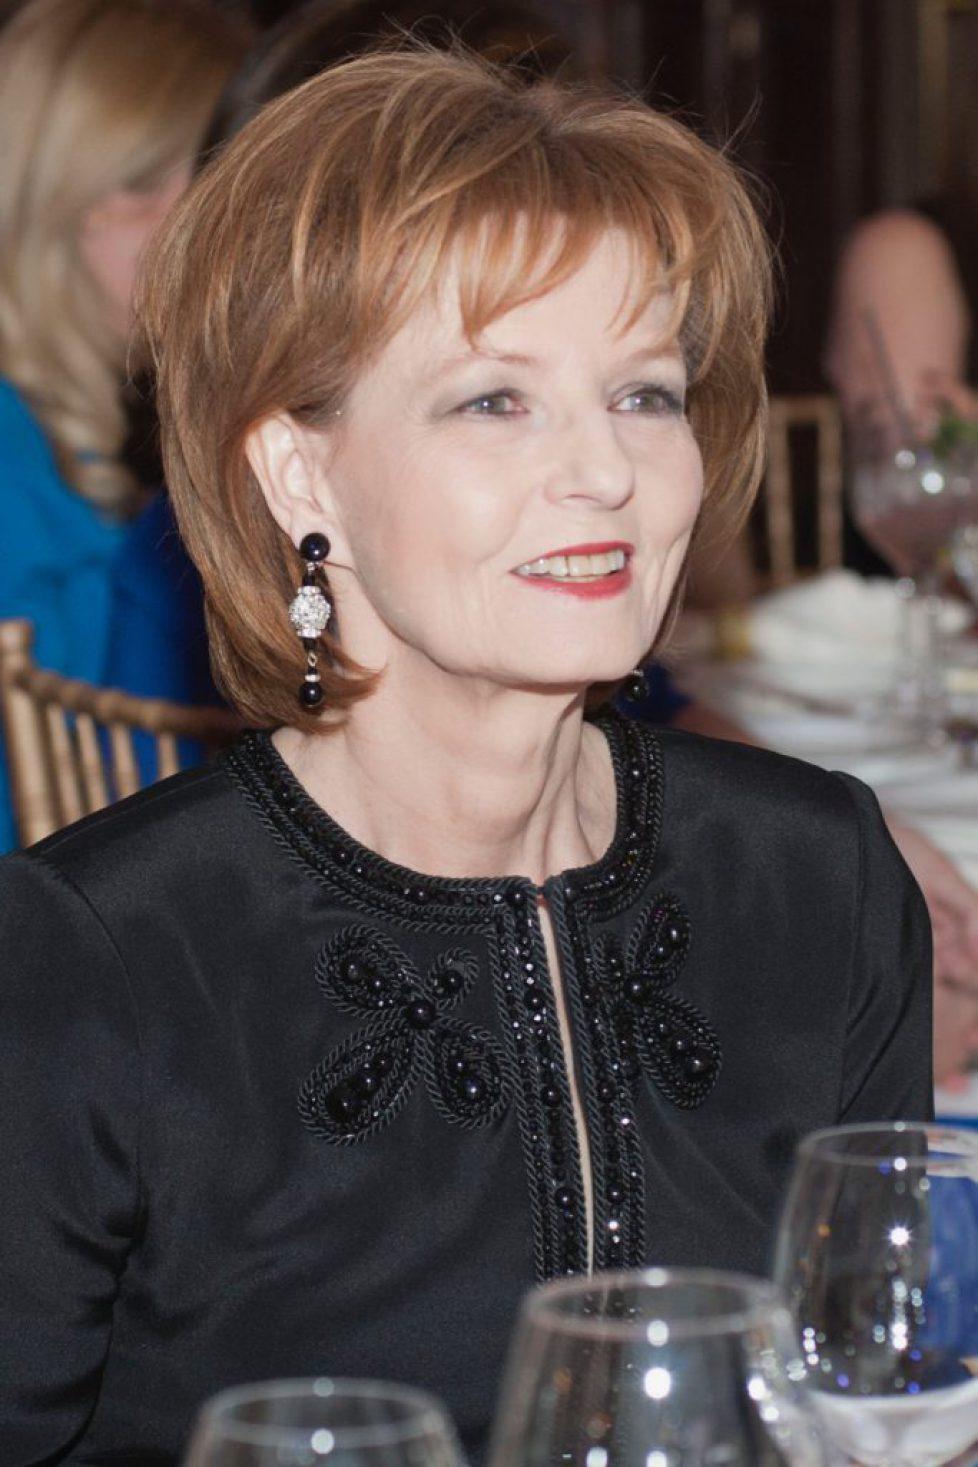 Majestatea-Sa-Margareta-cea-mai-influenta-femeie-din-Romania-2019-Gala-Forbes-27-martie-2019-Palatul-Bragadiru-Bucuresti-©Daniel-Angelescu-1